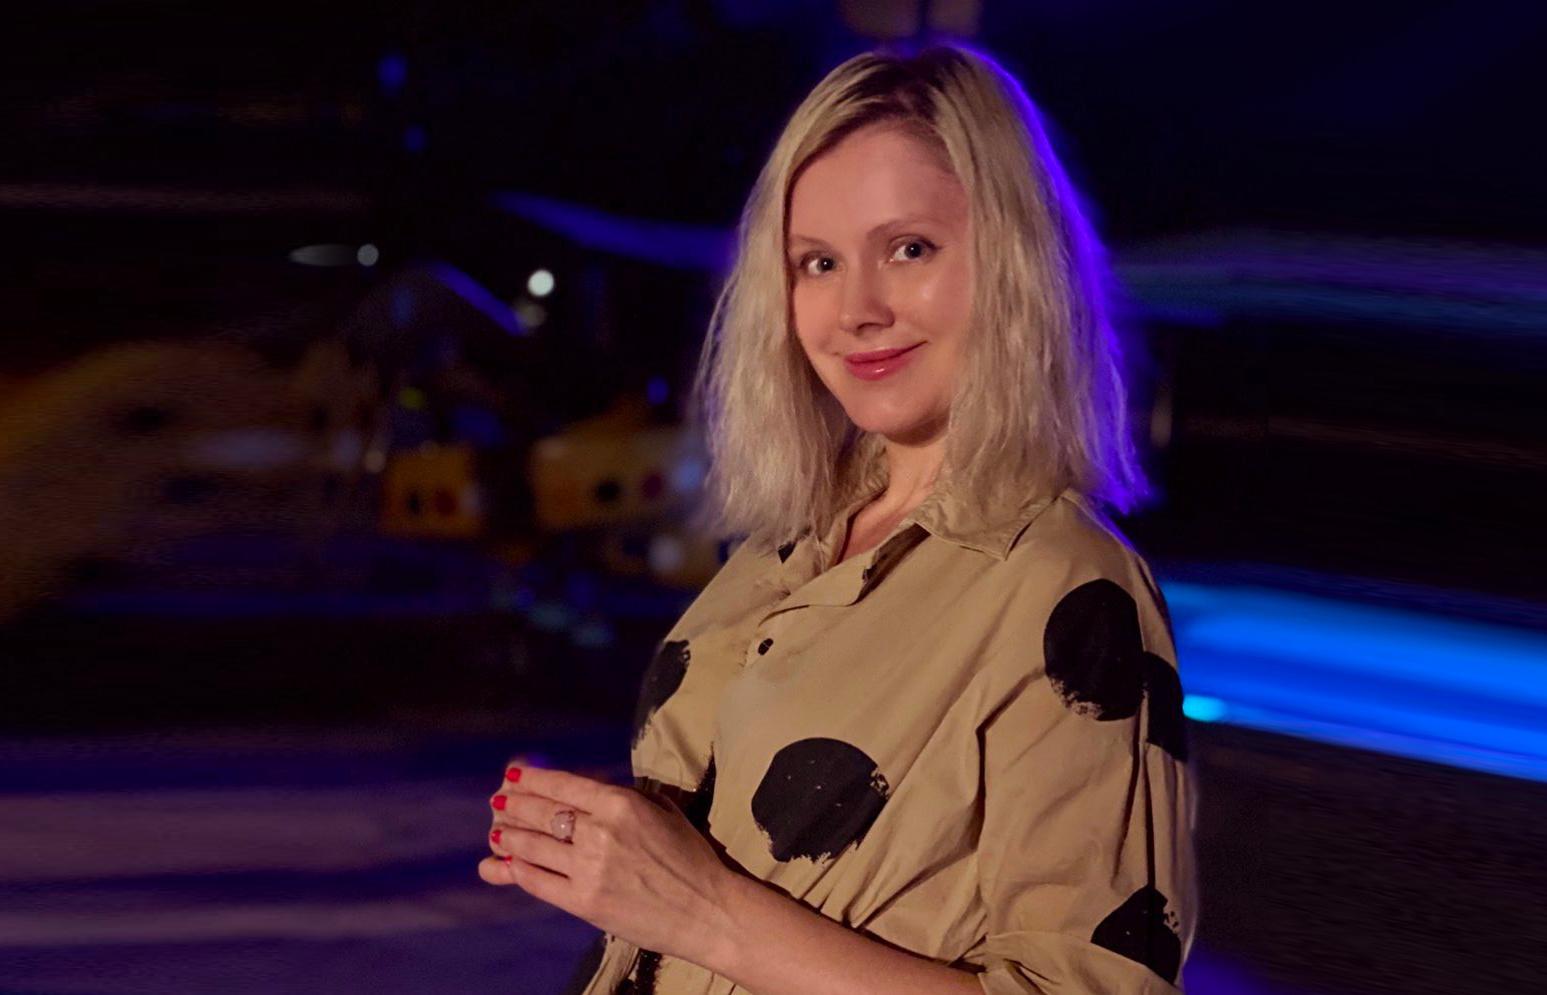 Фанаты заподозрили беременность у певицы Натали. И всё из-за пальто